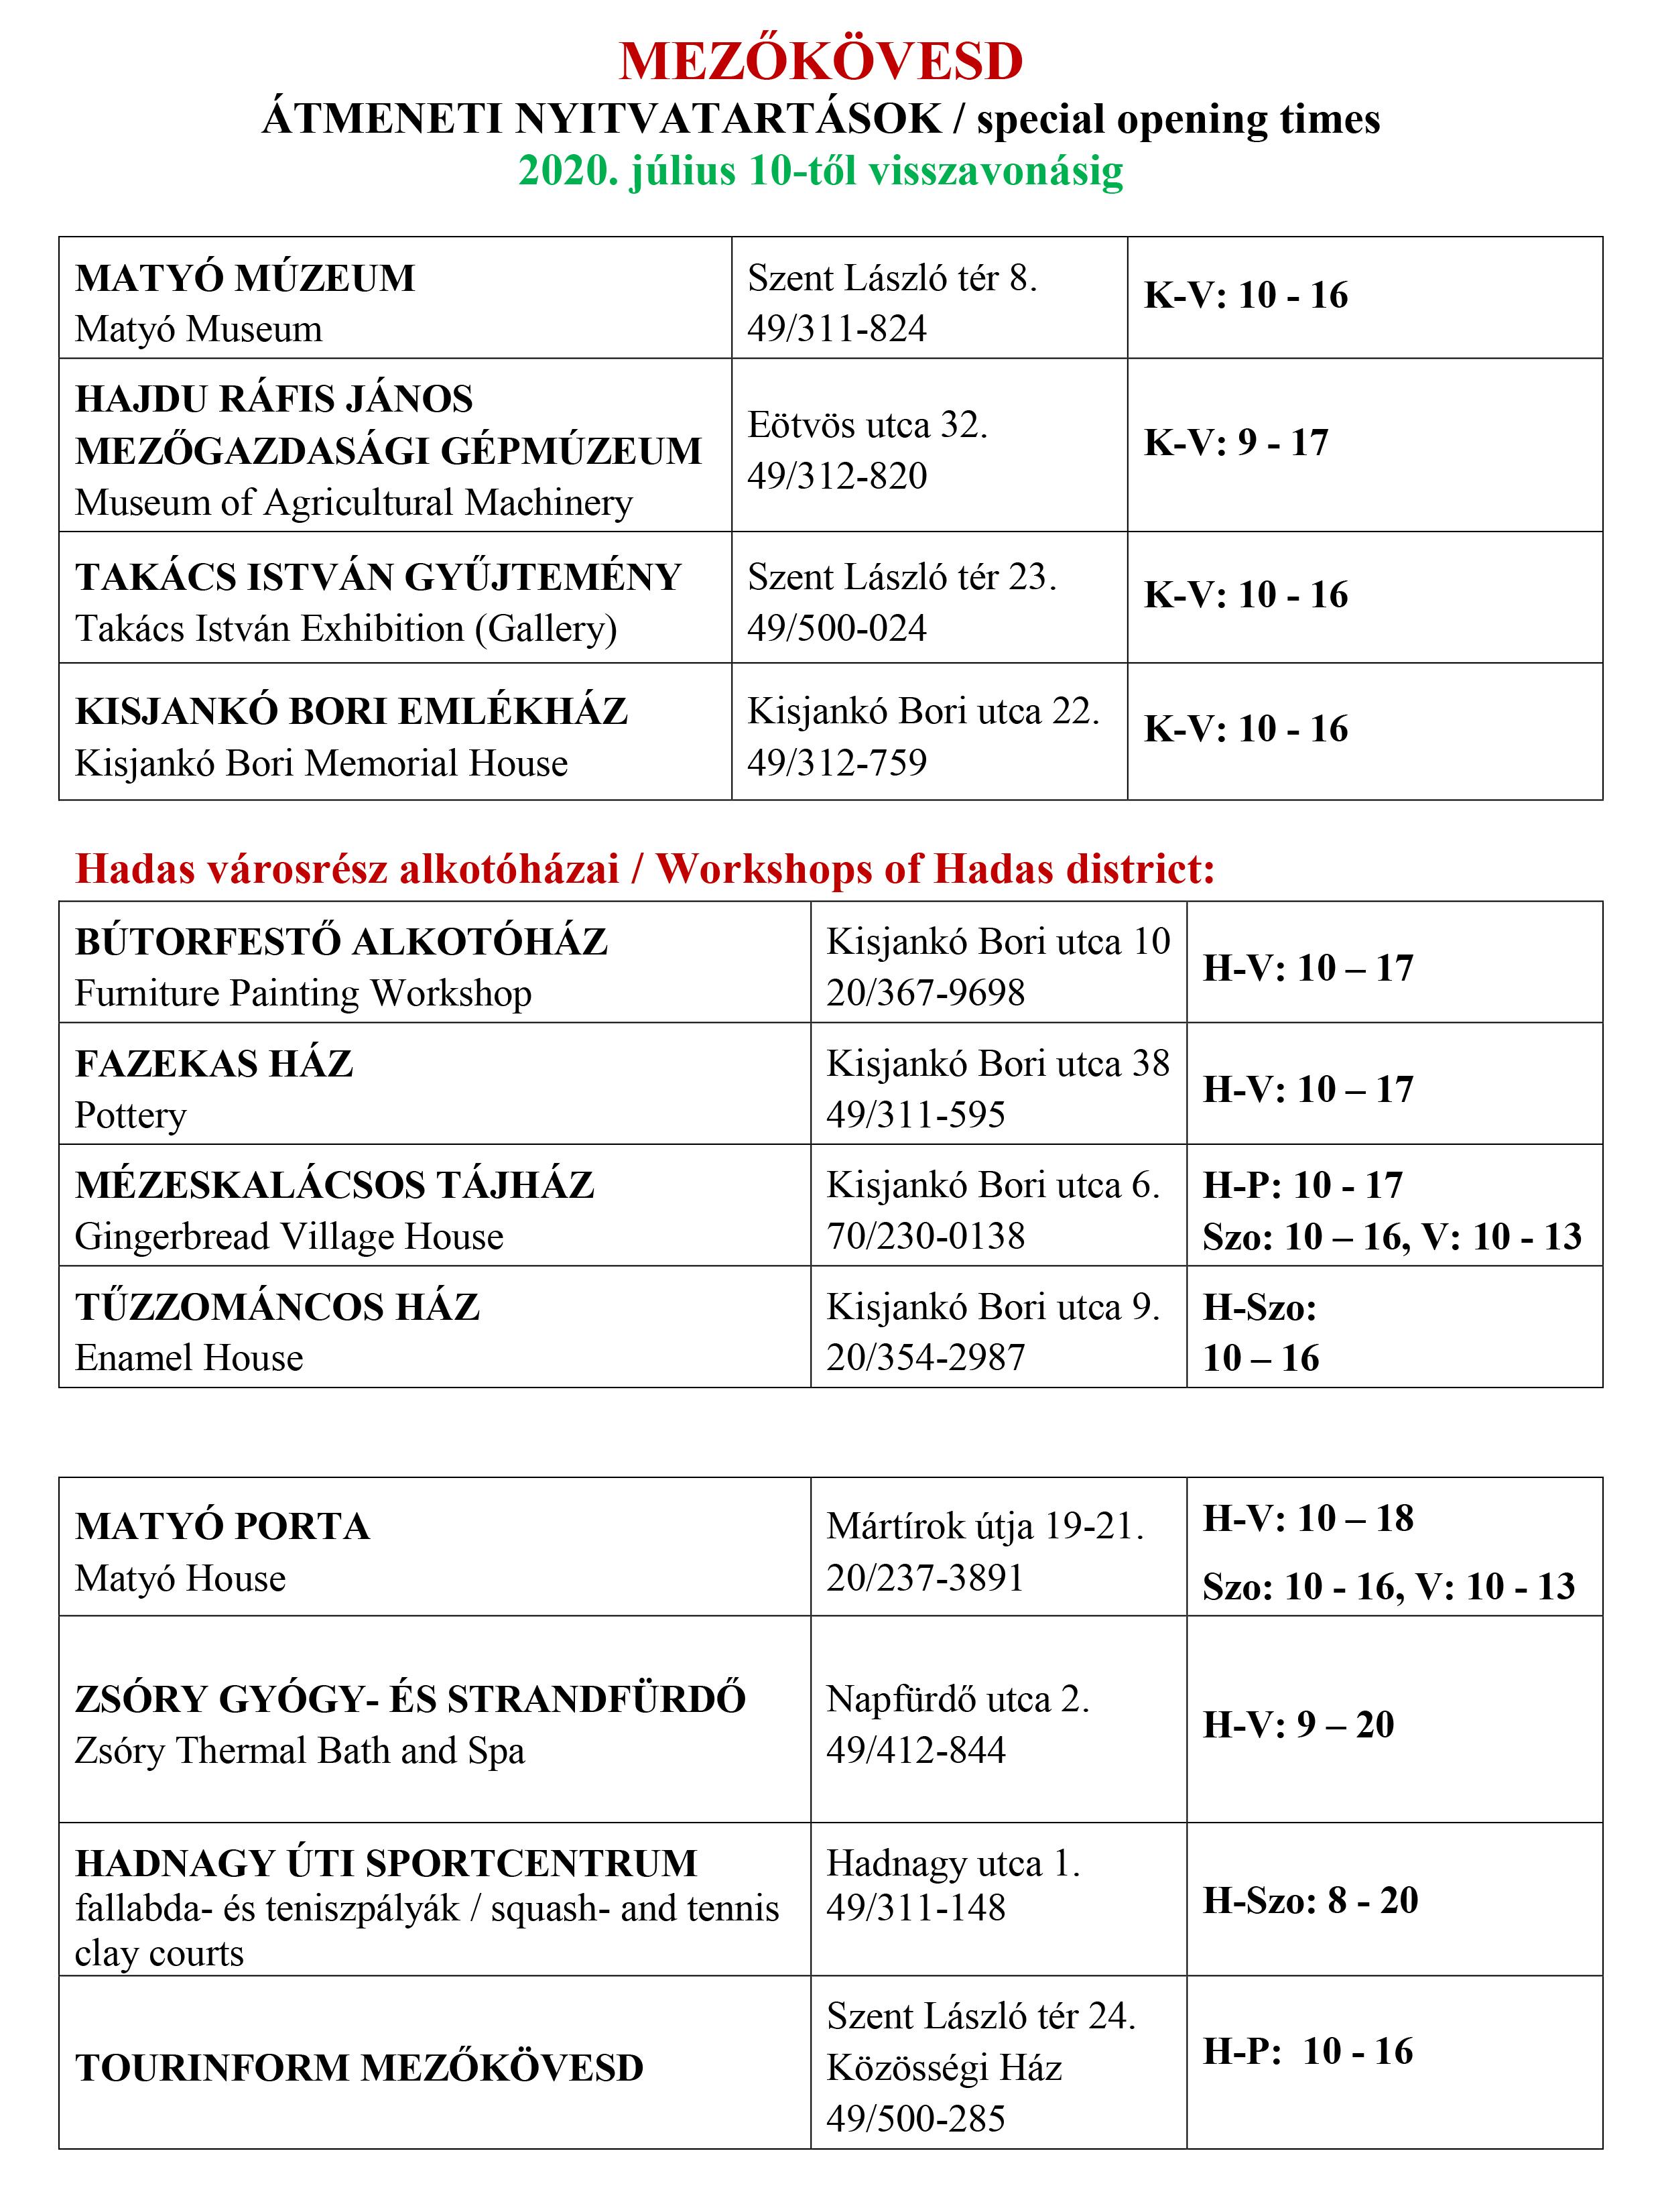 látásvizsgálati táblázat közelében)